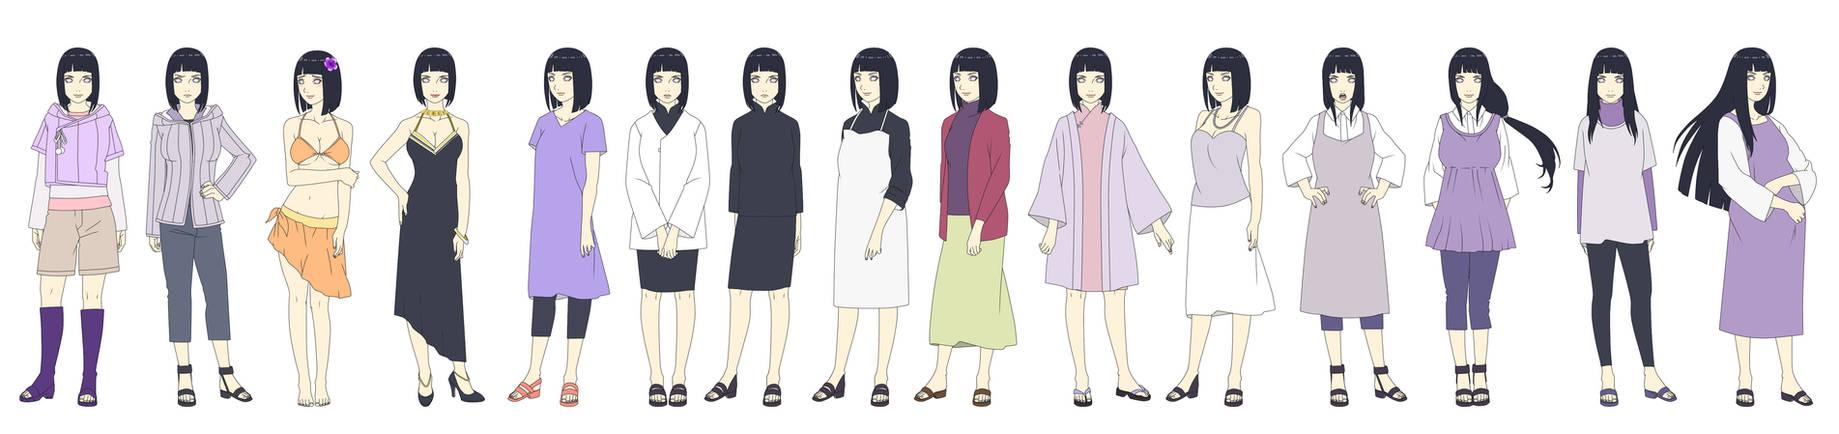 Hyuga Hinata New Era 2 Outfit Color